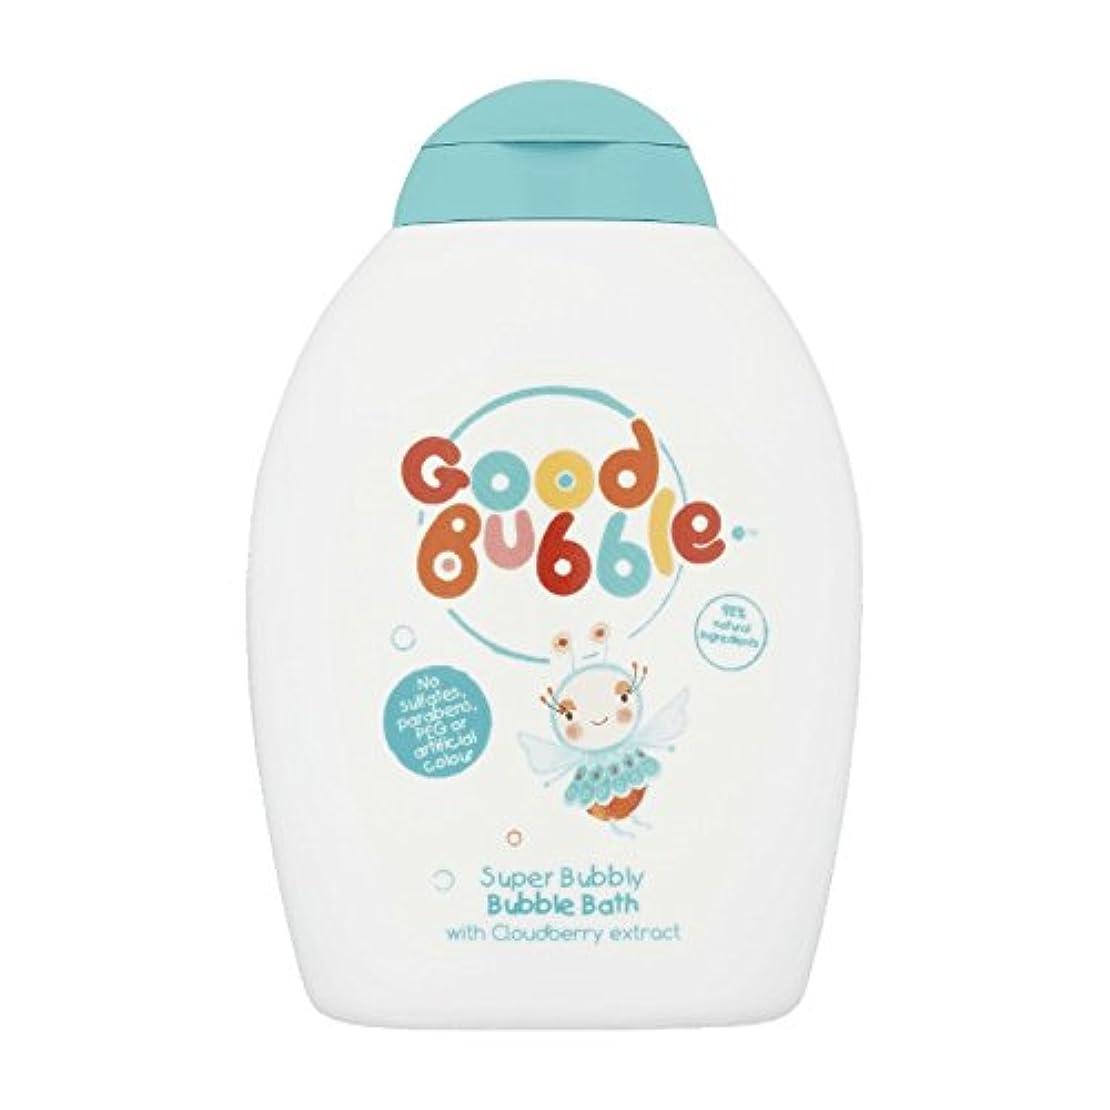 薬剤師禁止超える良いバブルクラウドベリーバブルバス400ミリリットル - Good Bubble Cloudberry Bubble Bath 400ml (Good Bubble) [並行輸入品]